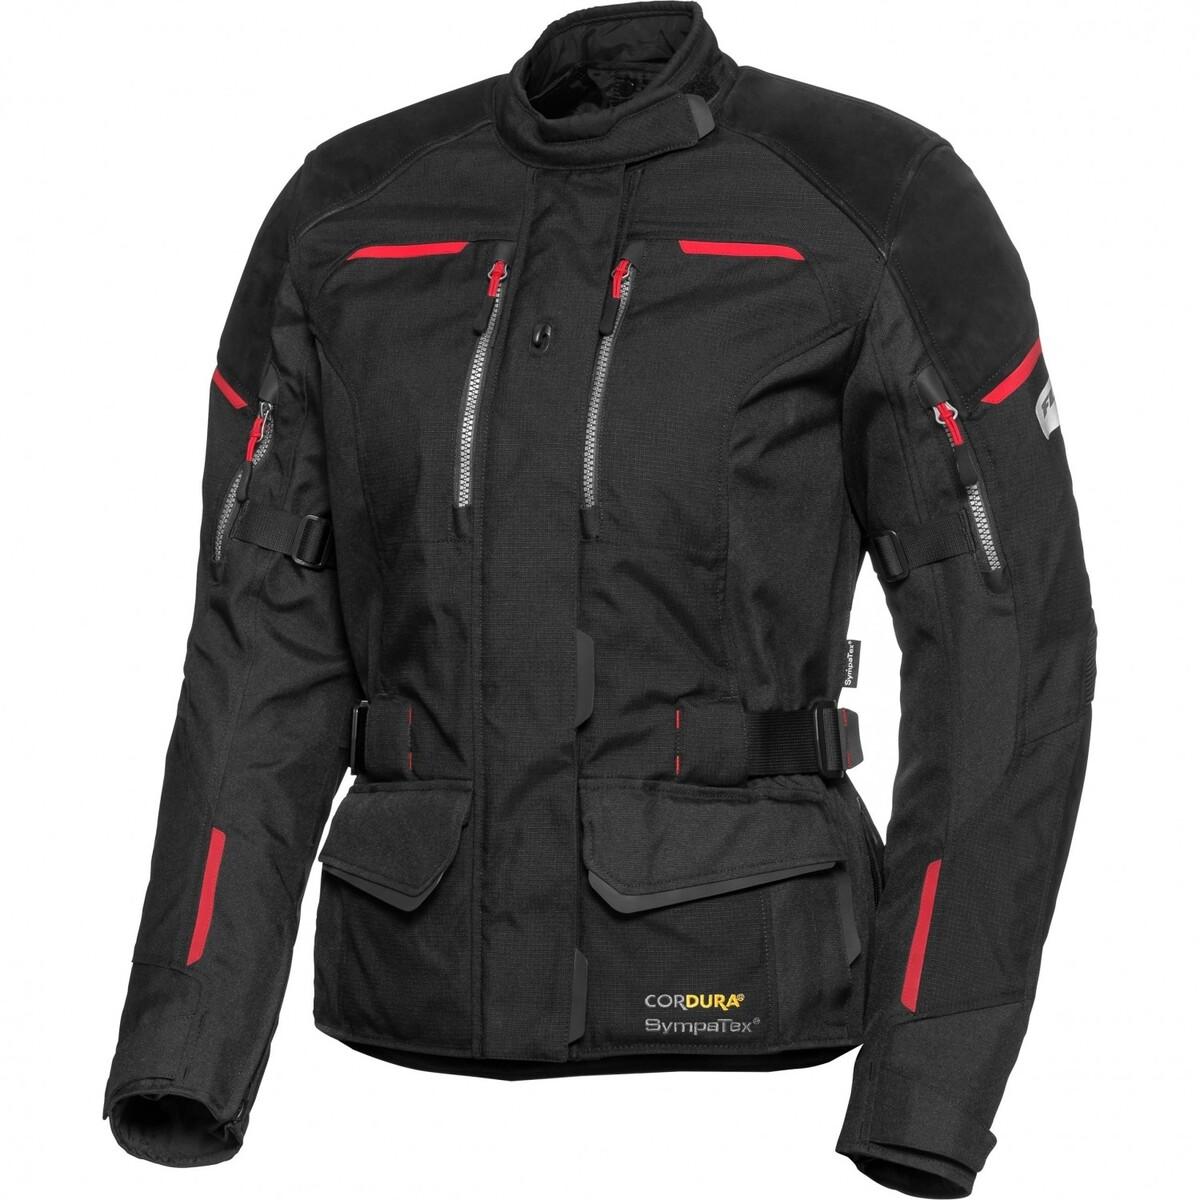 Bild 1 von FLM Touren Damen Leder-/Textiljacke 4.0 schwarz Größe XS